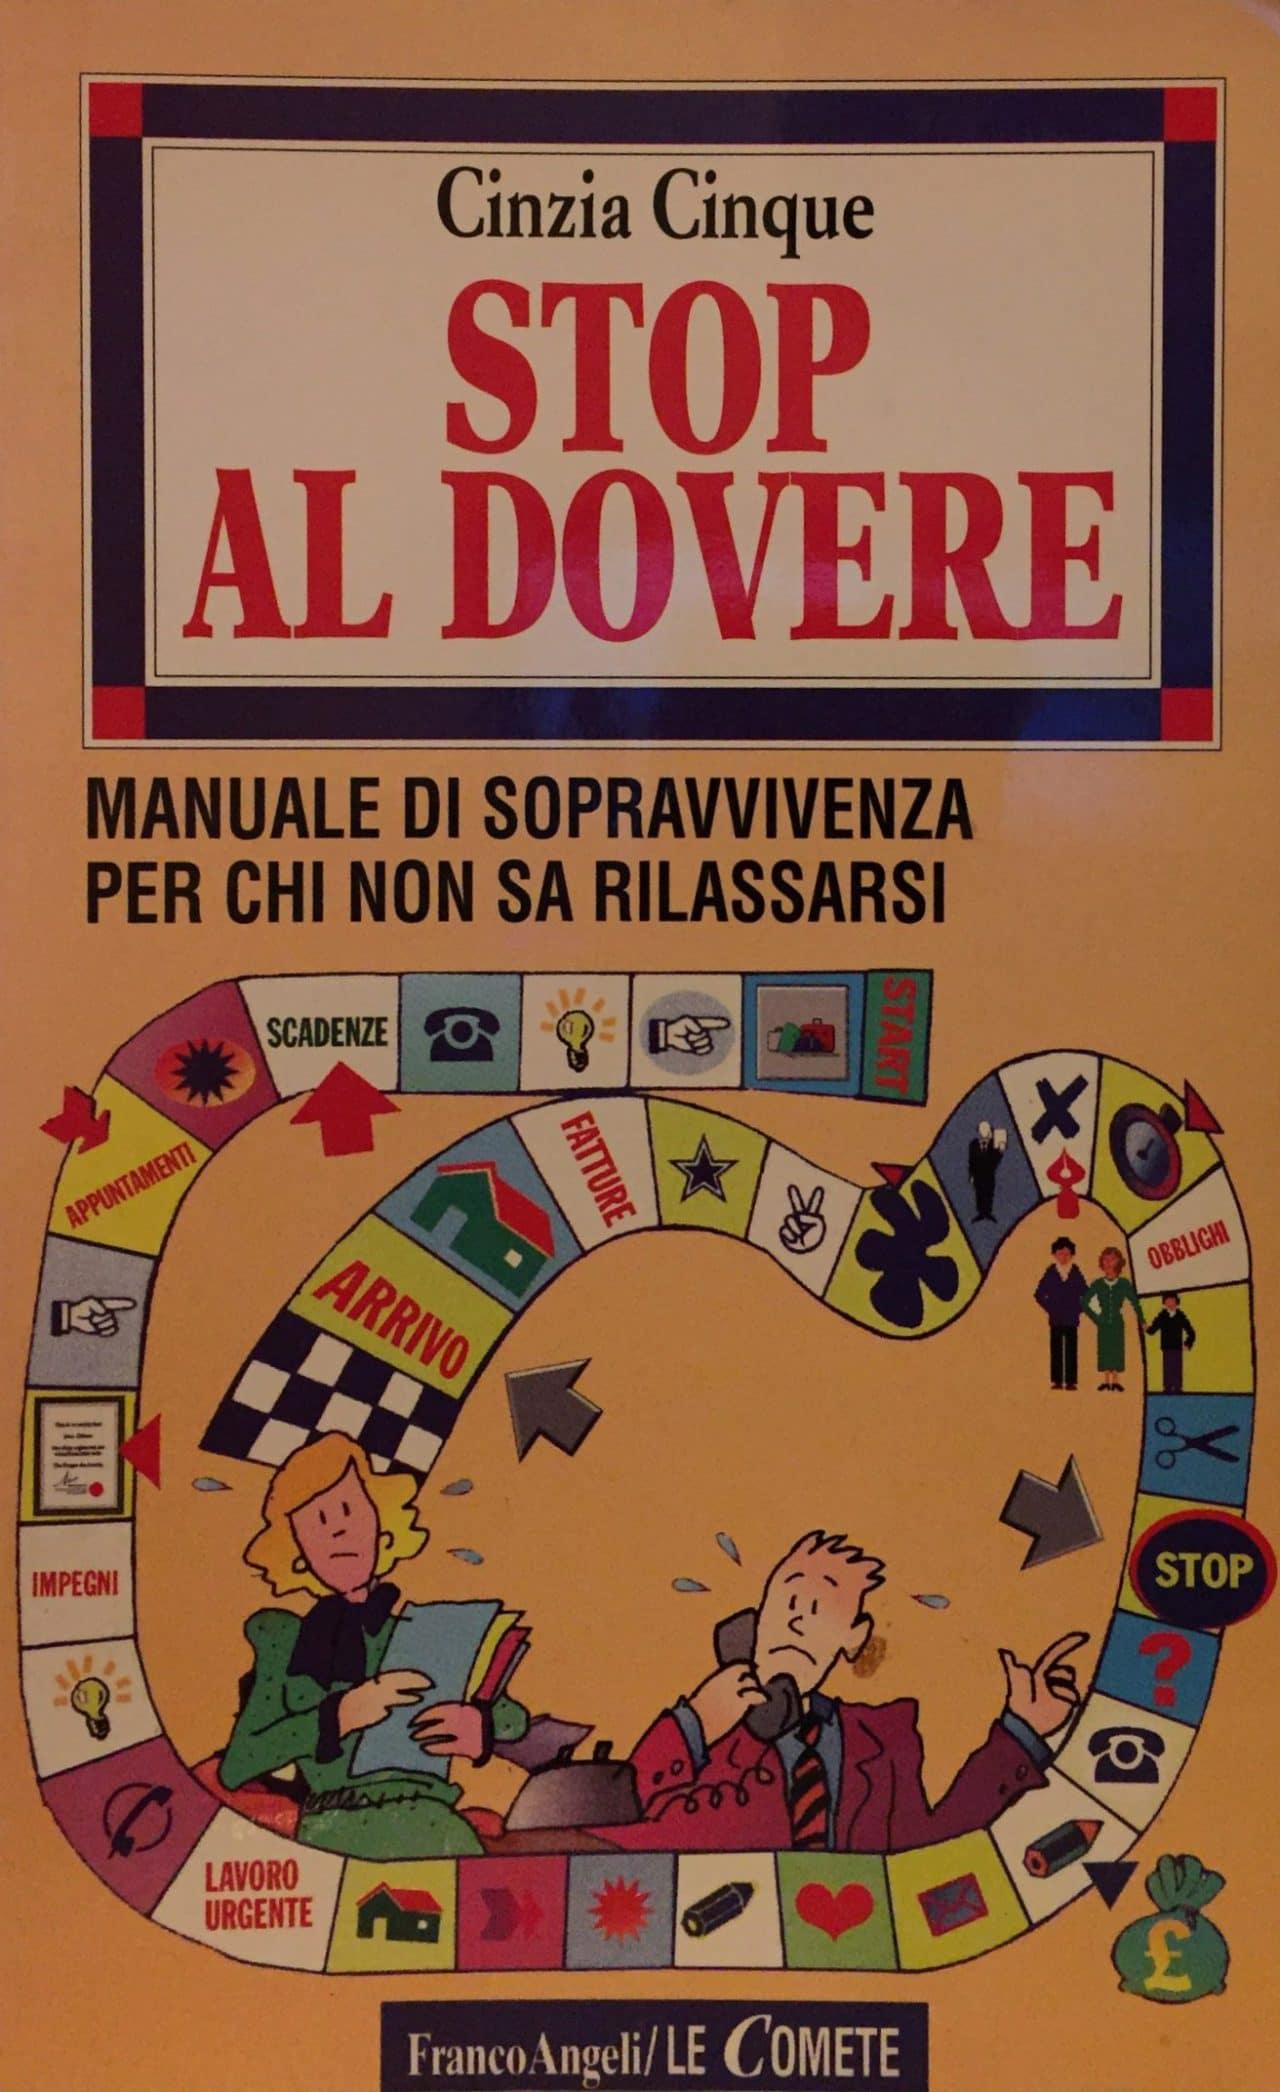 Stop Al Dovere – Manuale Di Sopravvivenza Per Chi Non Sa Rilassarsi